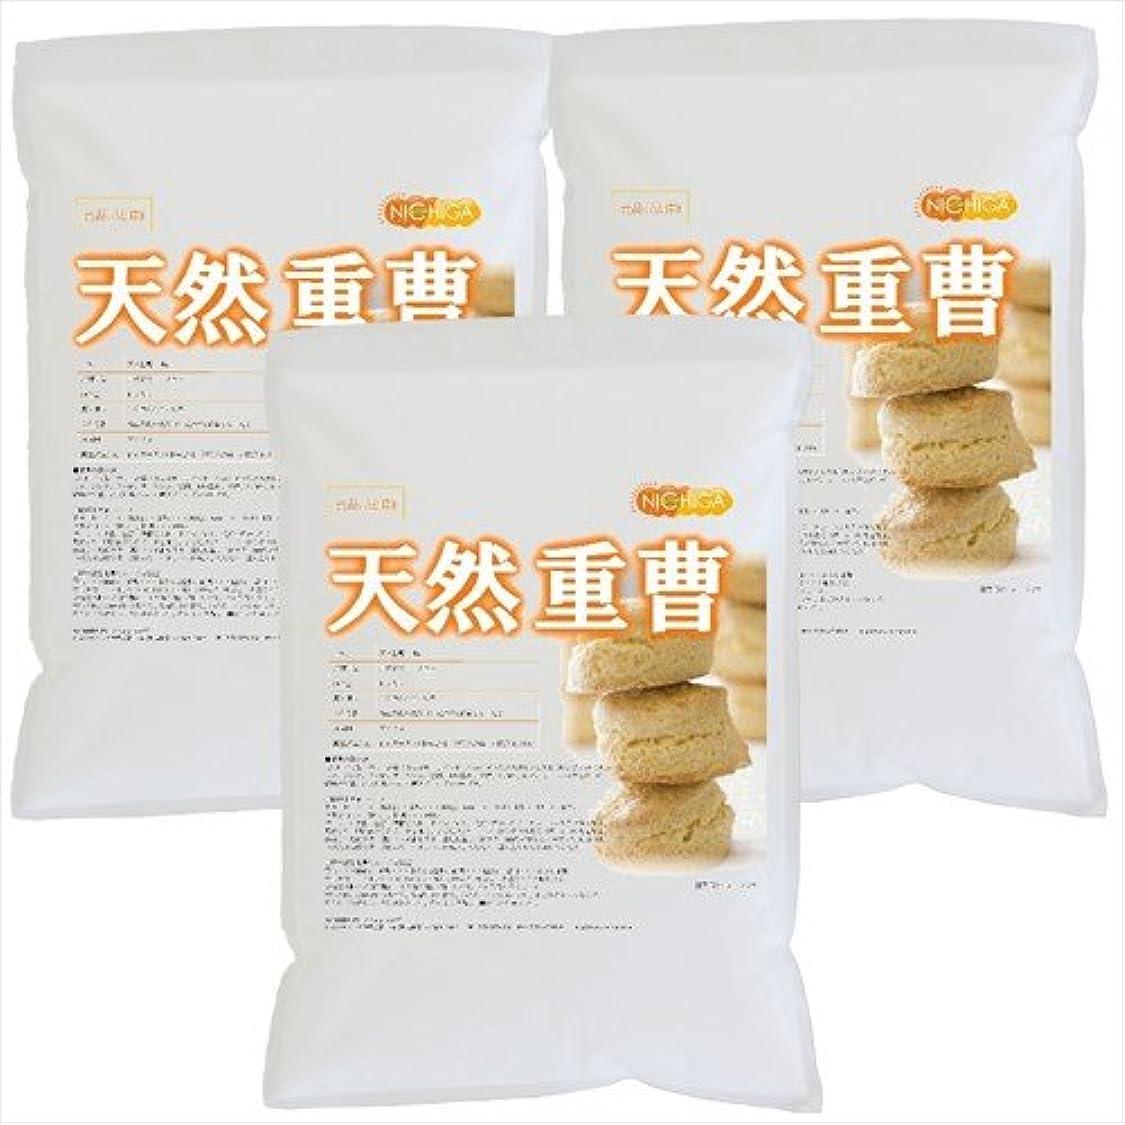 知らせる介入する慣習天然 重曹 5kg×3袋 [02] 炭酸水素ナトリウム 食品添加物(食品用)NICHIGA(ニチガ)